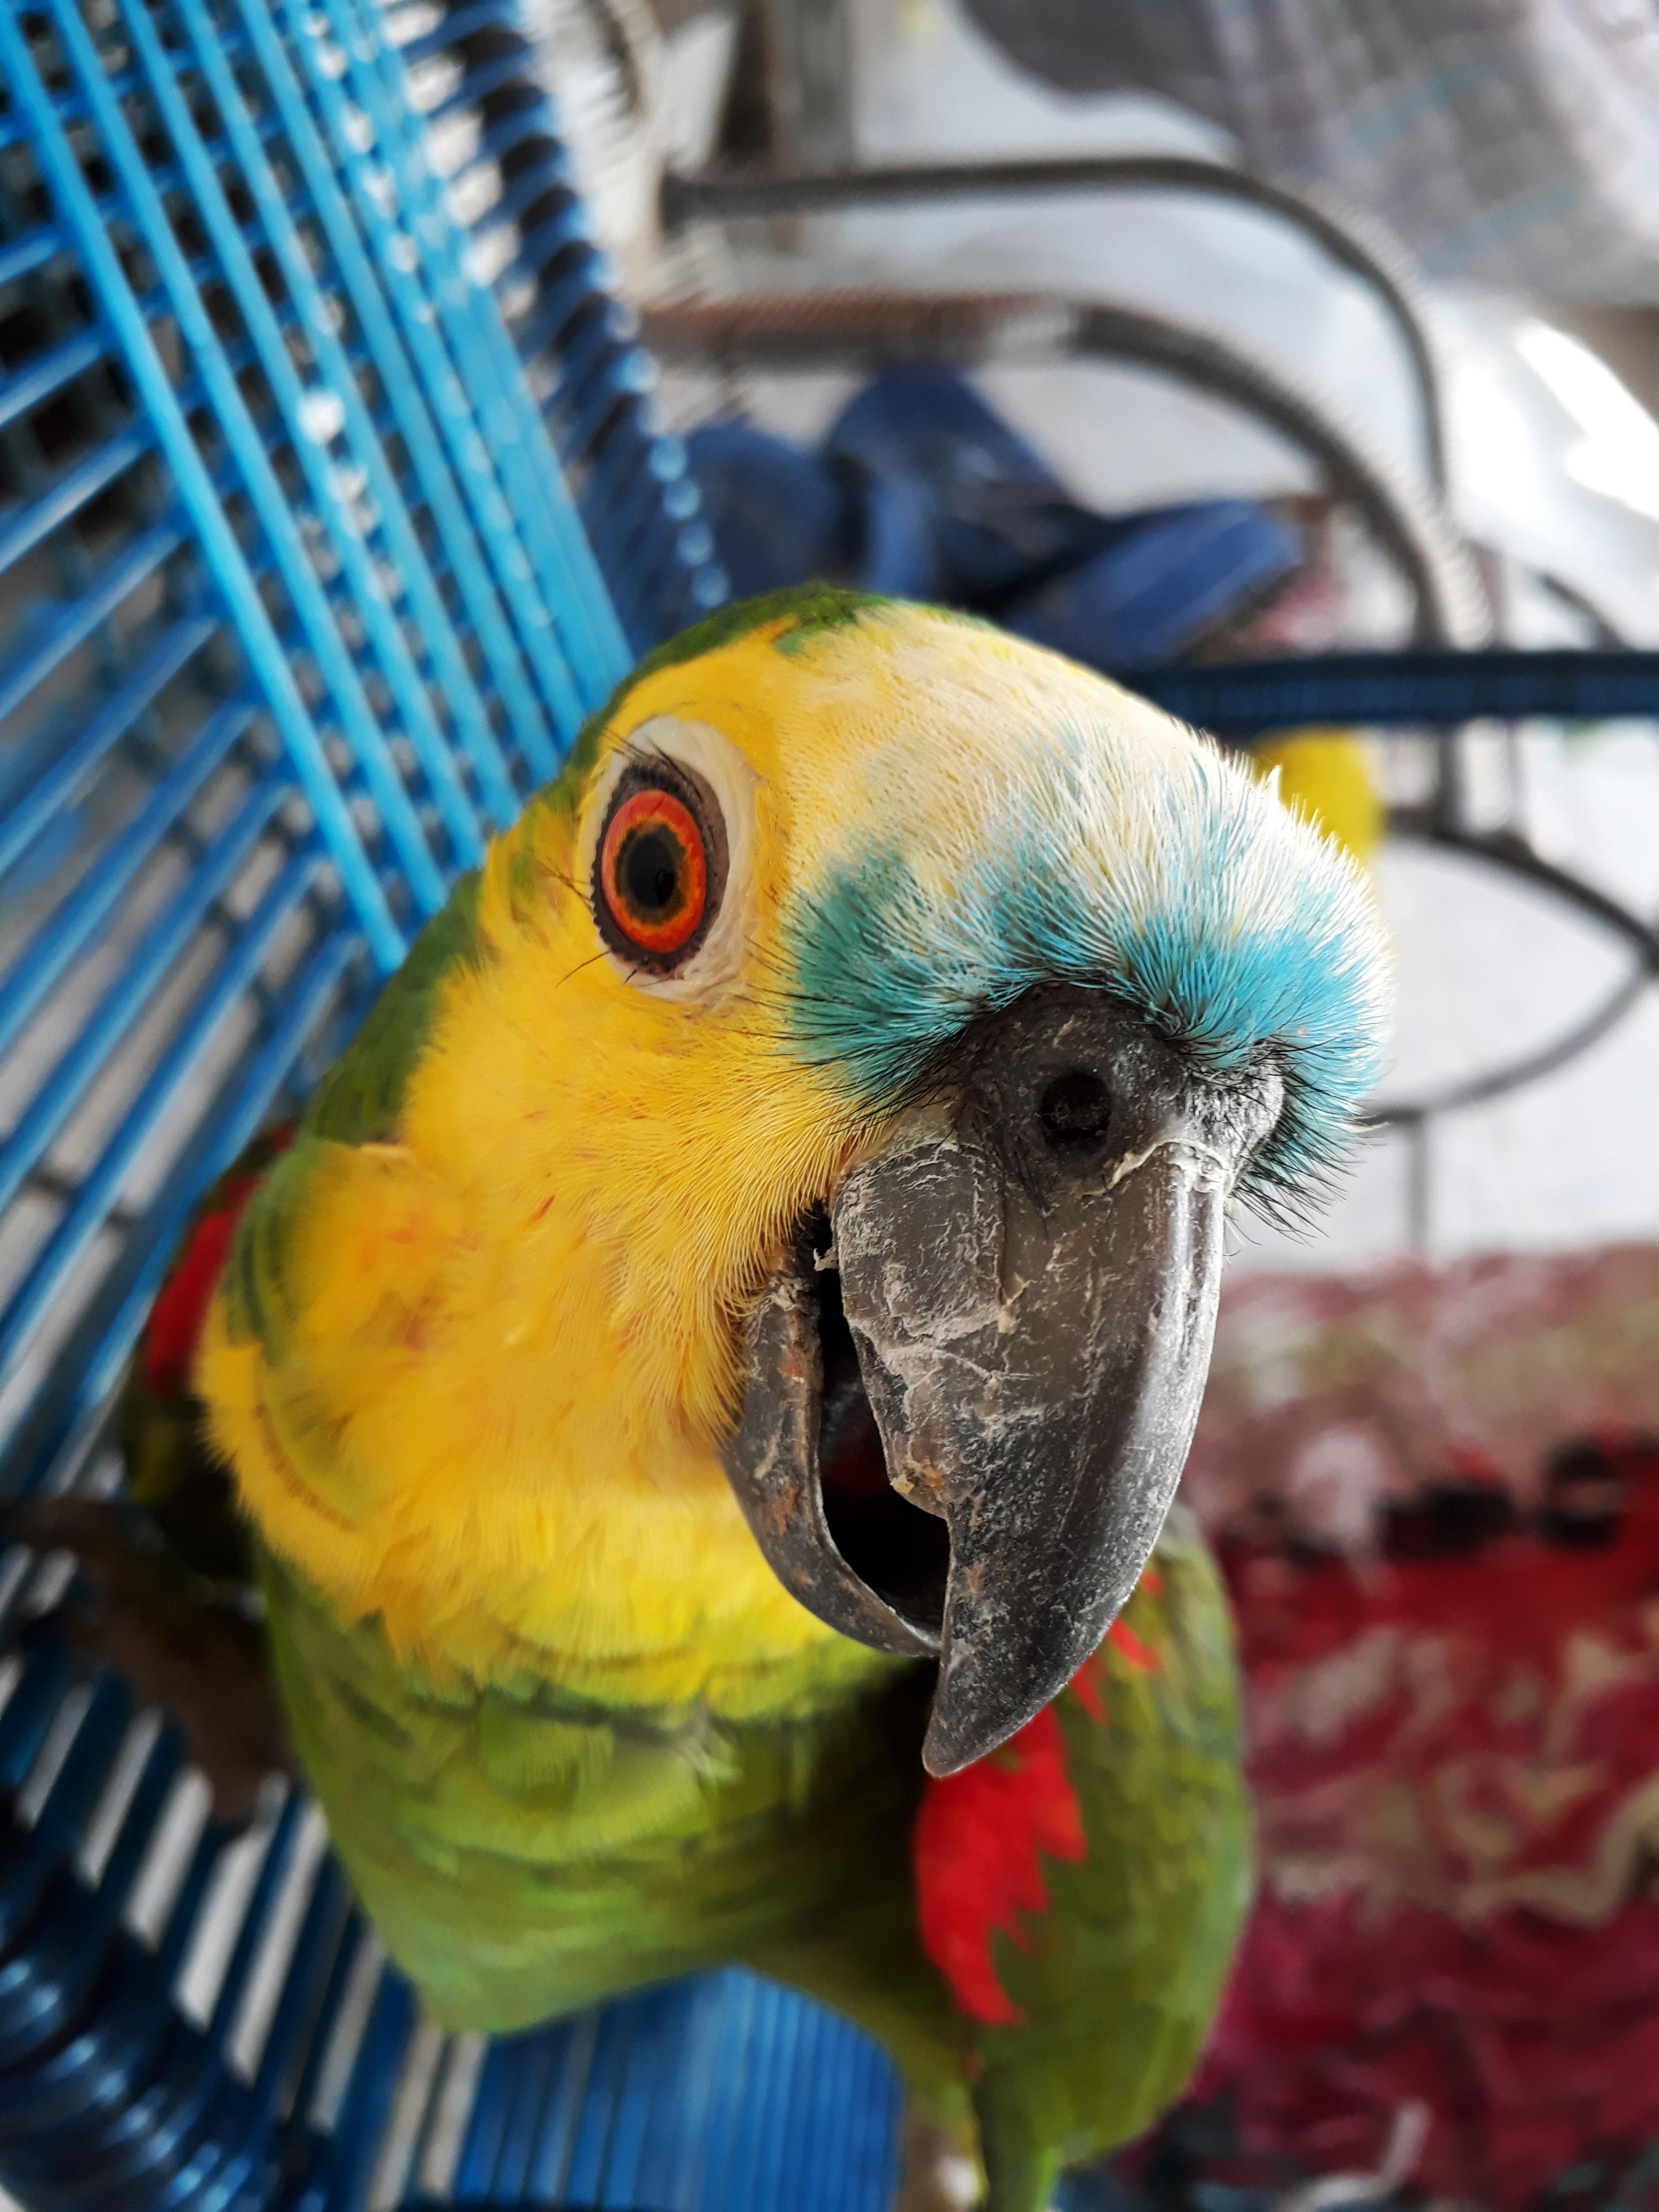 некоторые прикольные попугаи фото новых